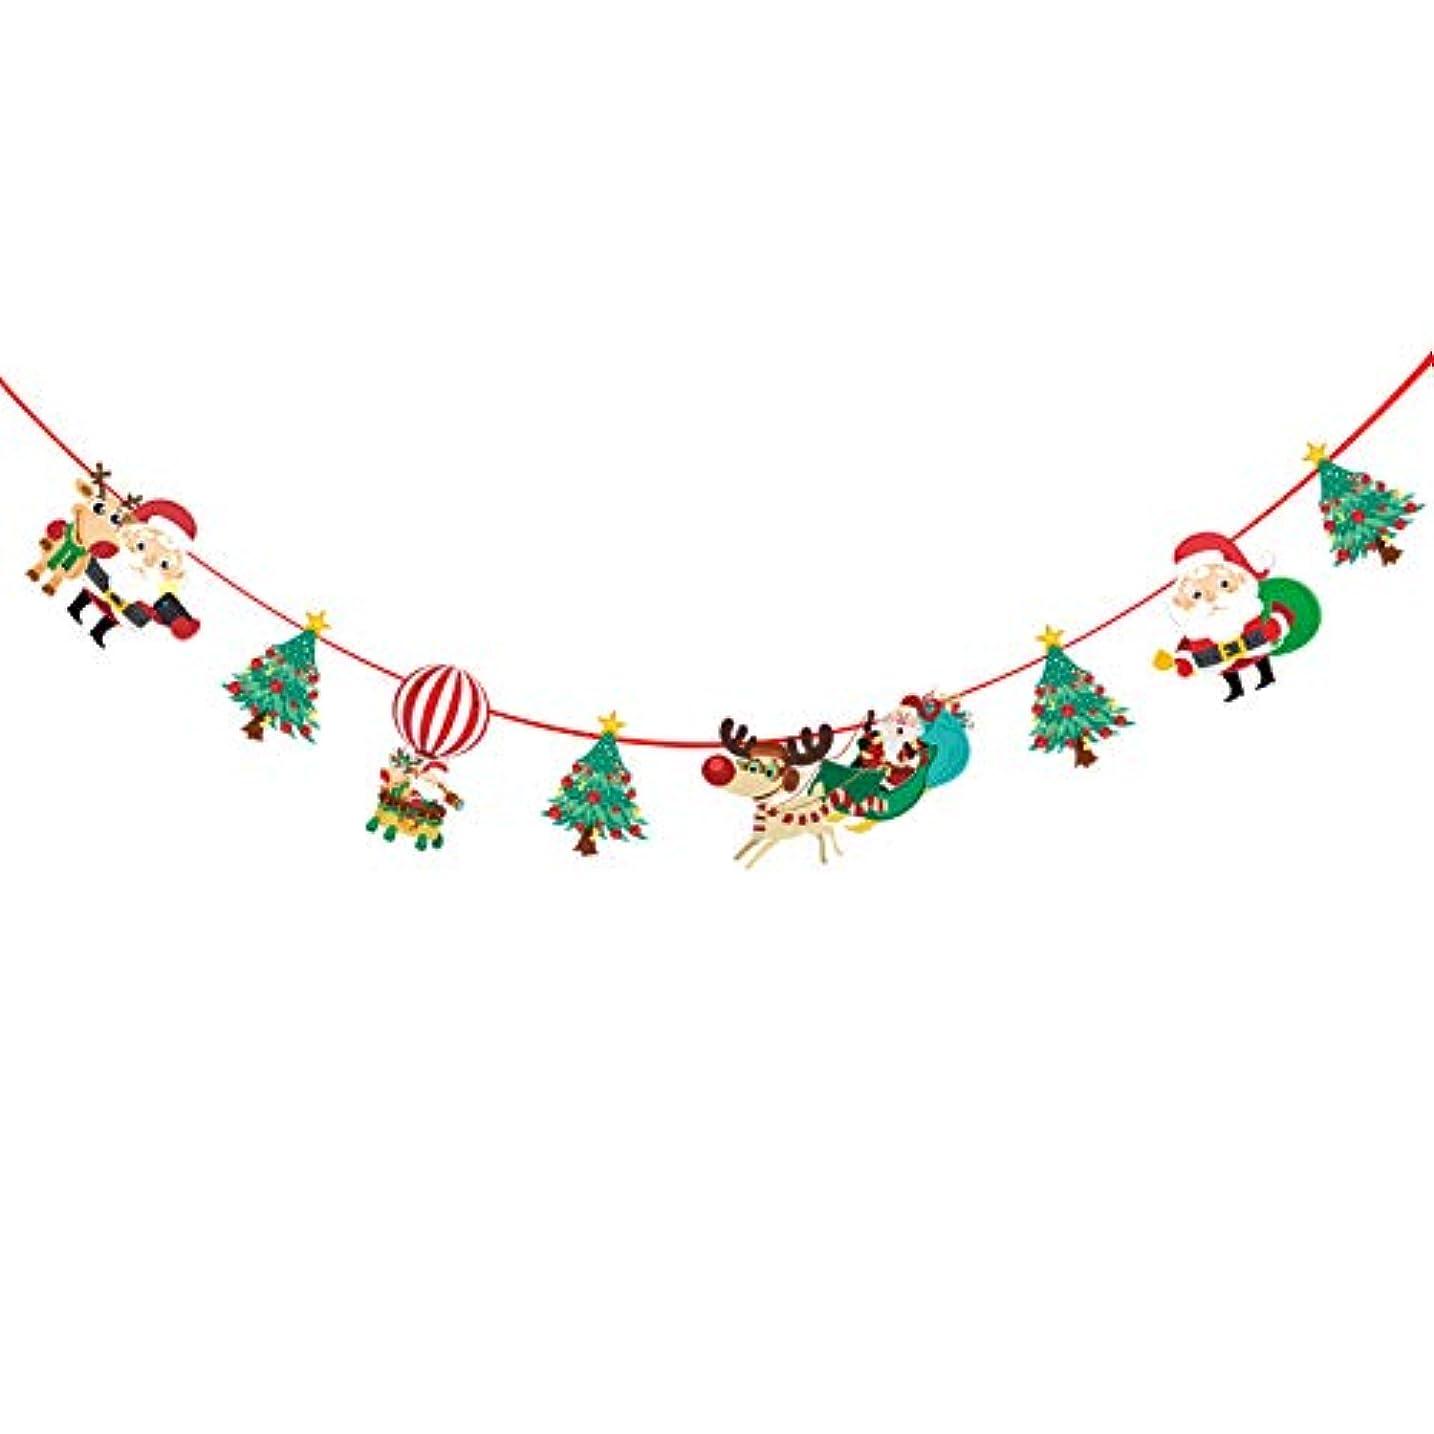 ペルメルプロット冷えるメリークリスマスの飾り バナー旗の飾り 漫画 飾る 家の装飾 クリスマスツリー